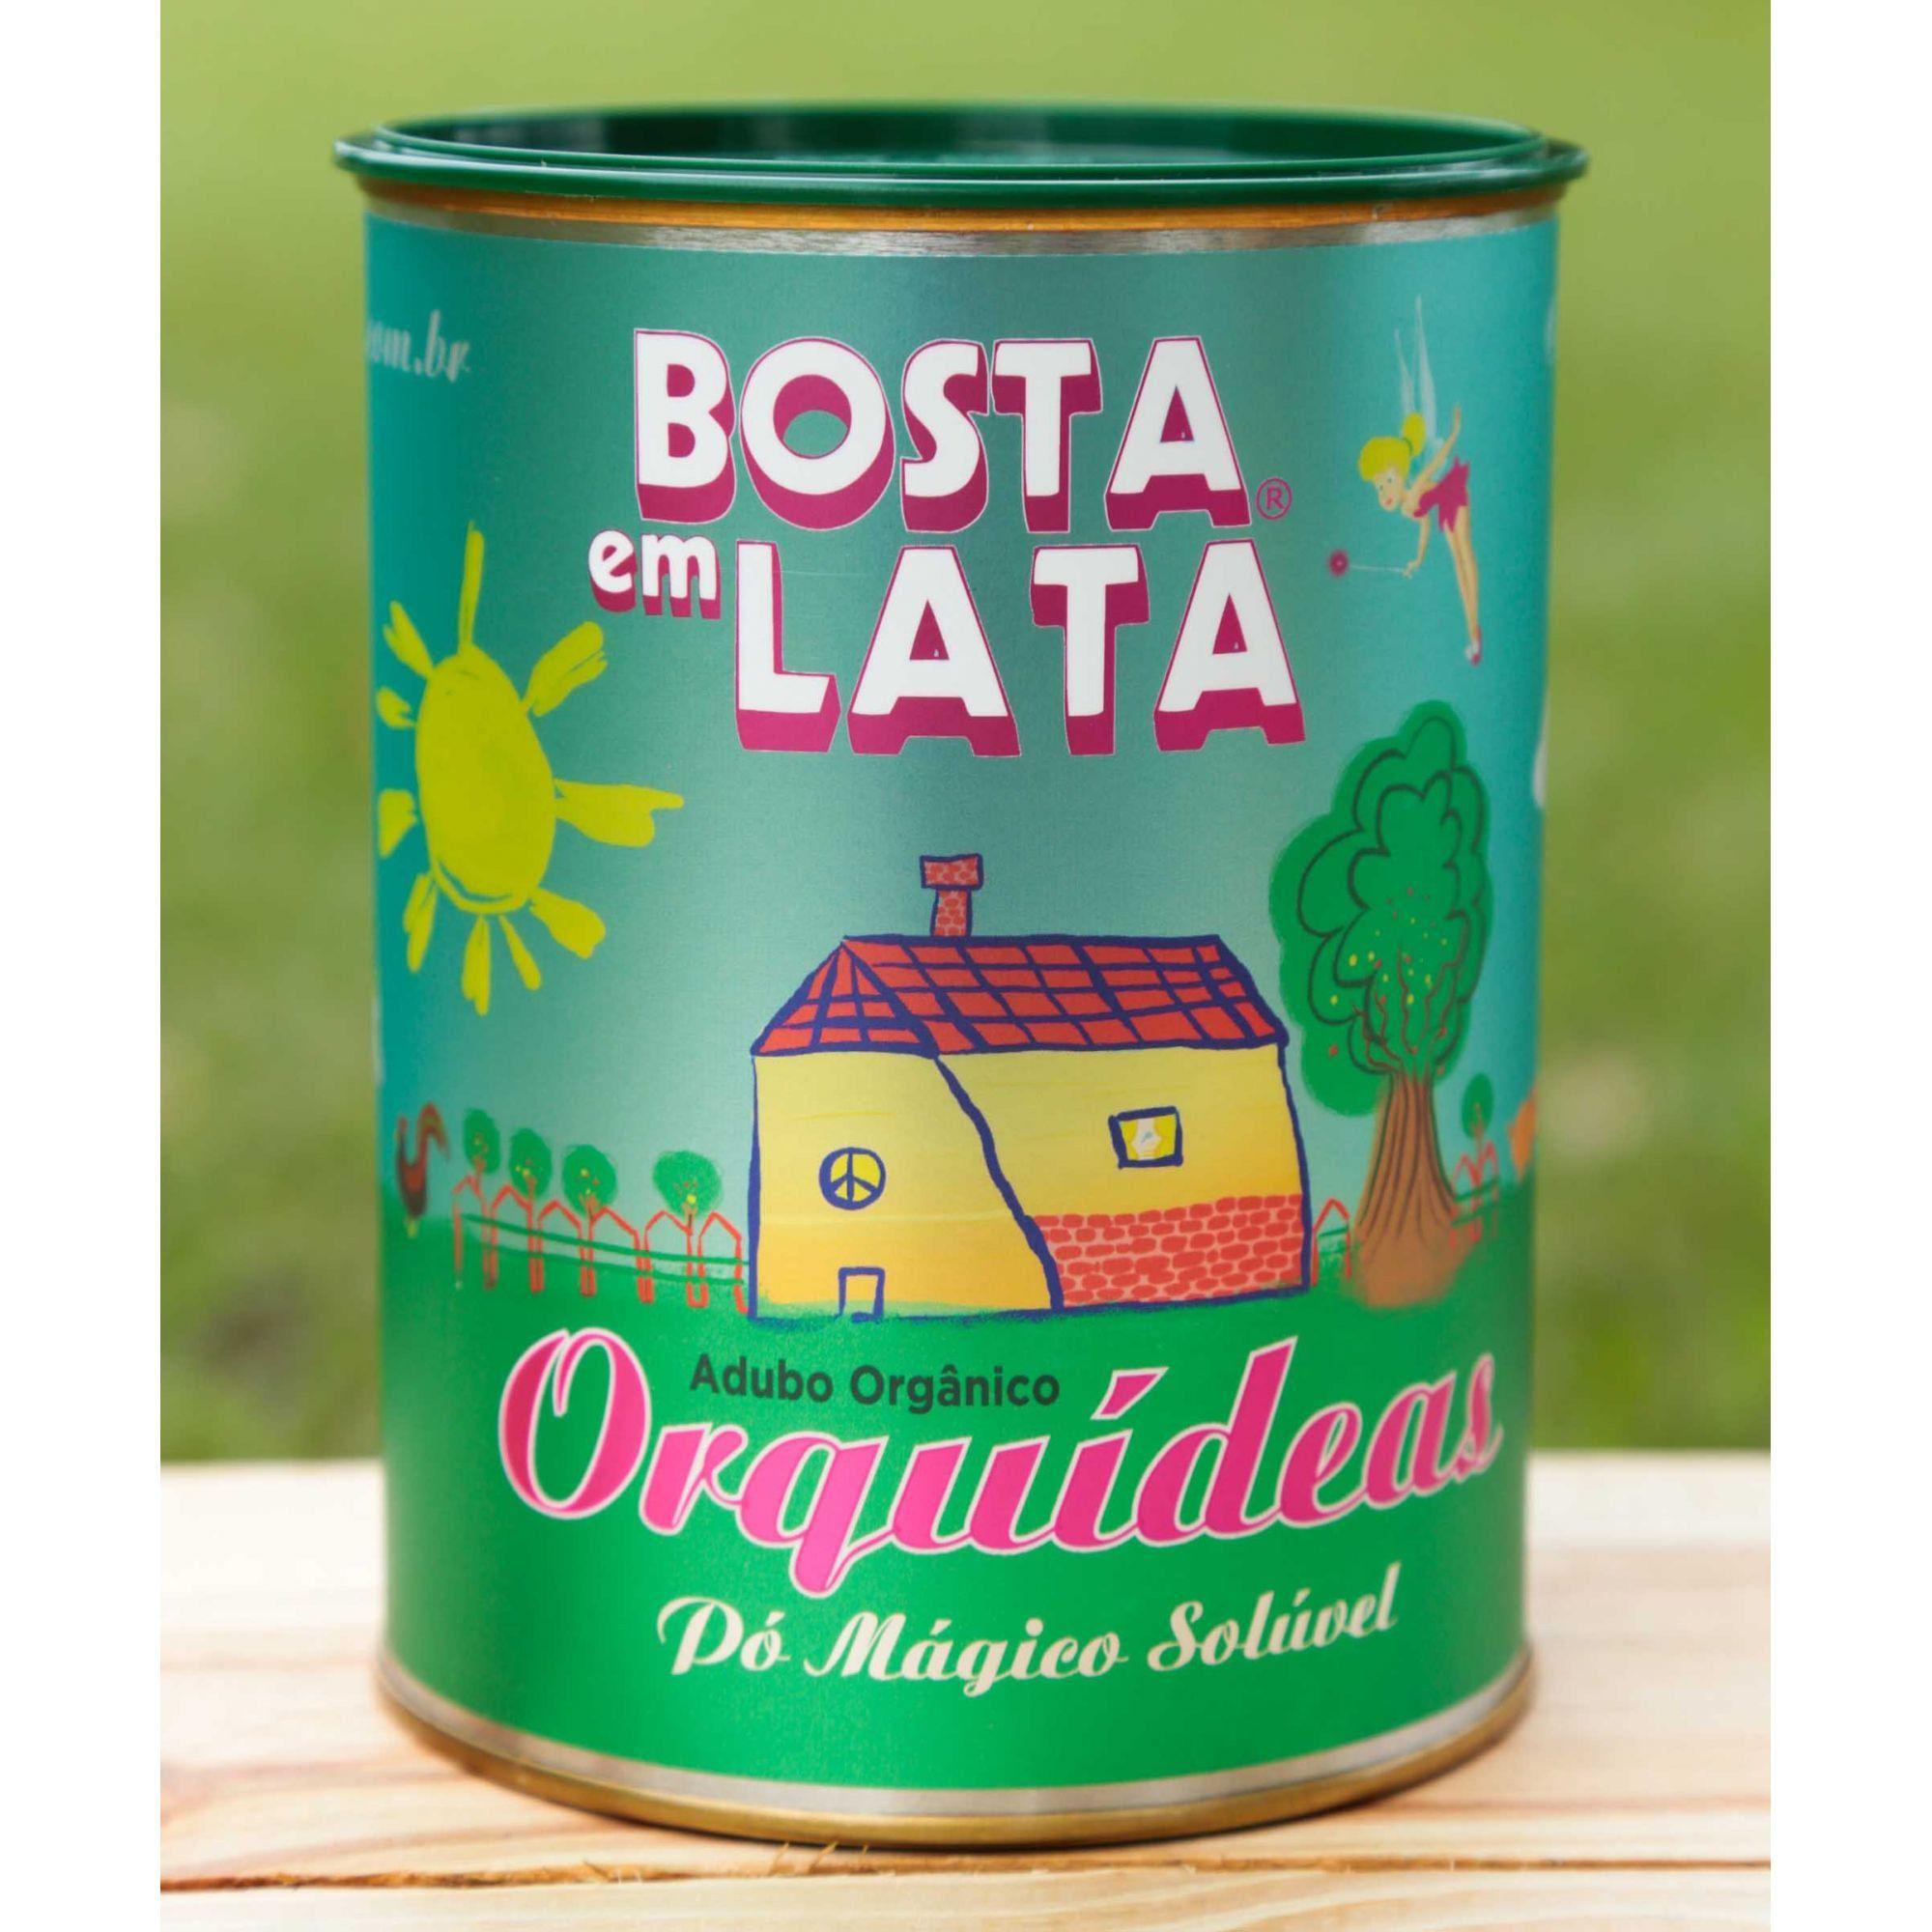 Adubo Orgânico Bosta em Lata para Orquídeas 400g